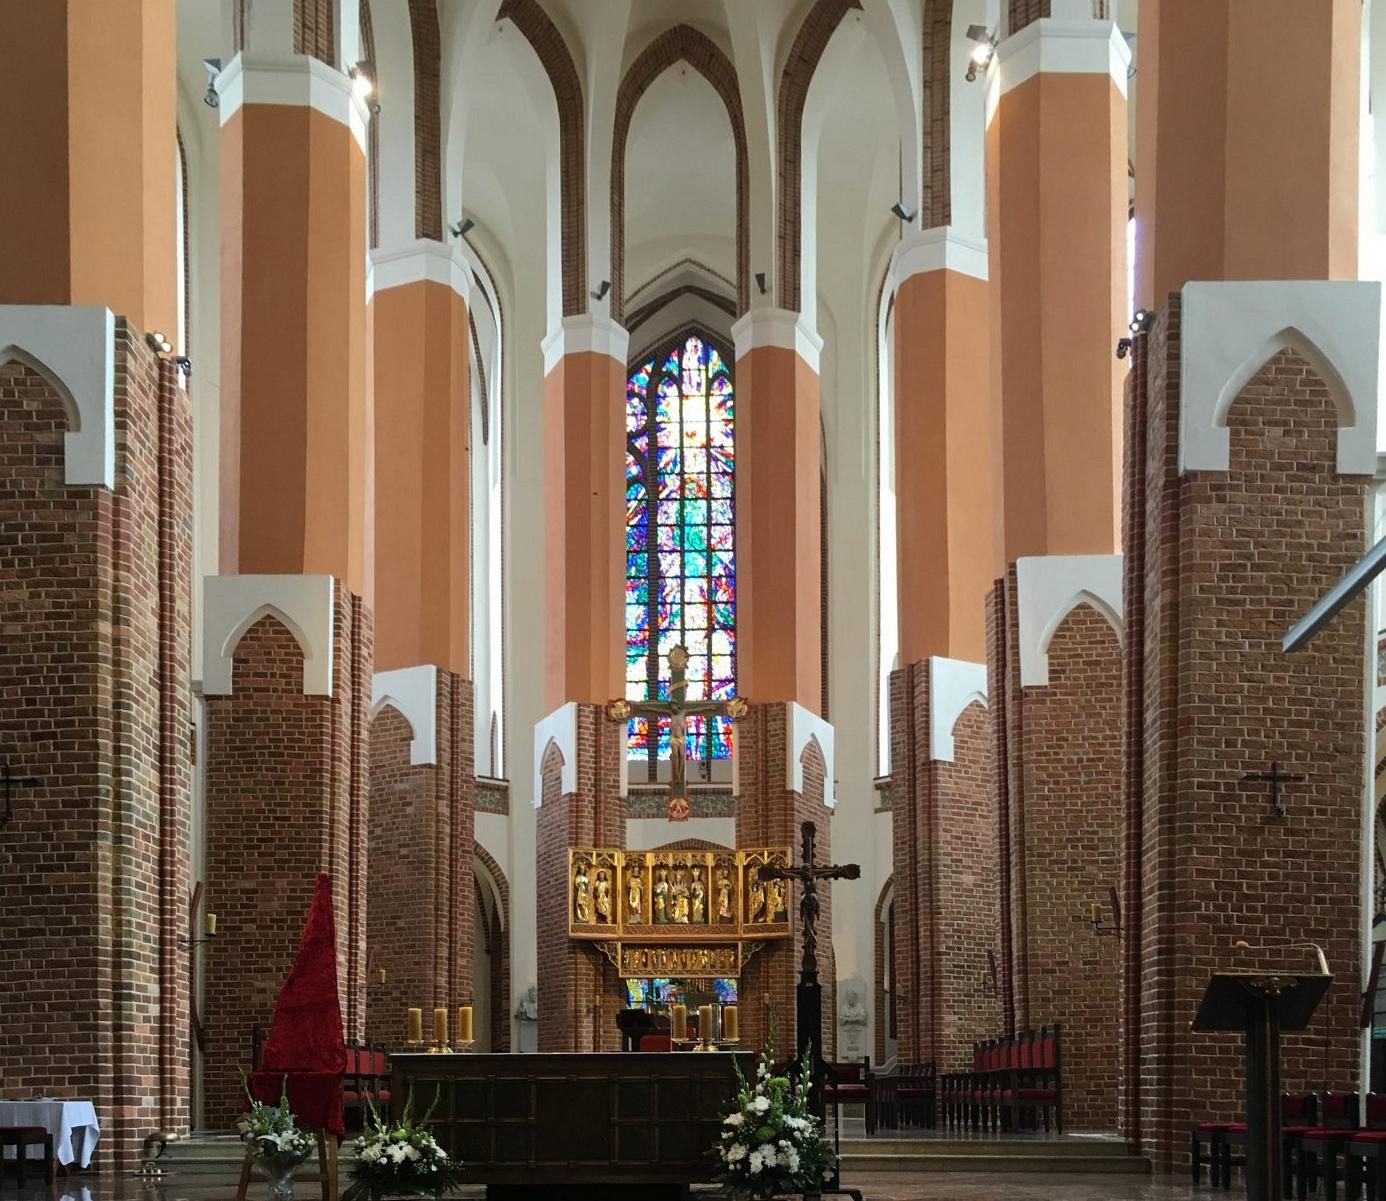 St. Jakobikirche in Stettin